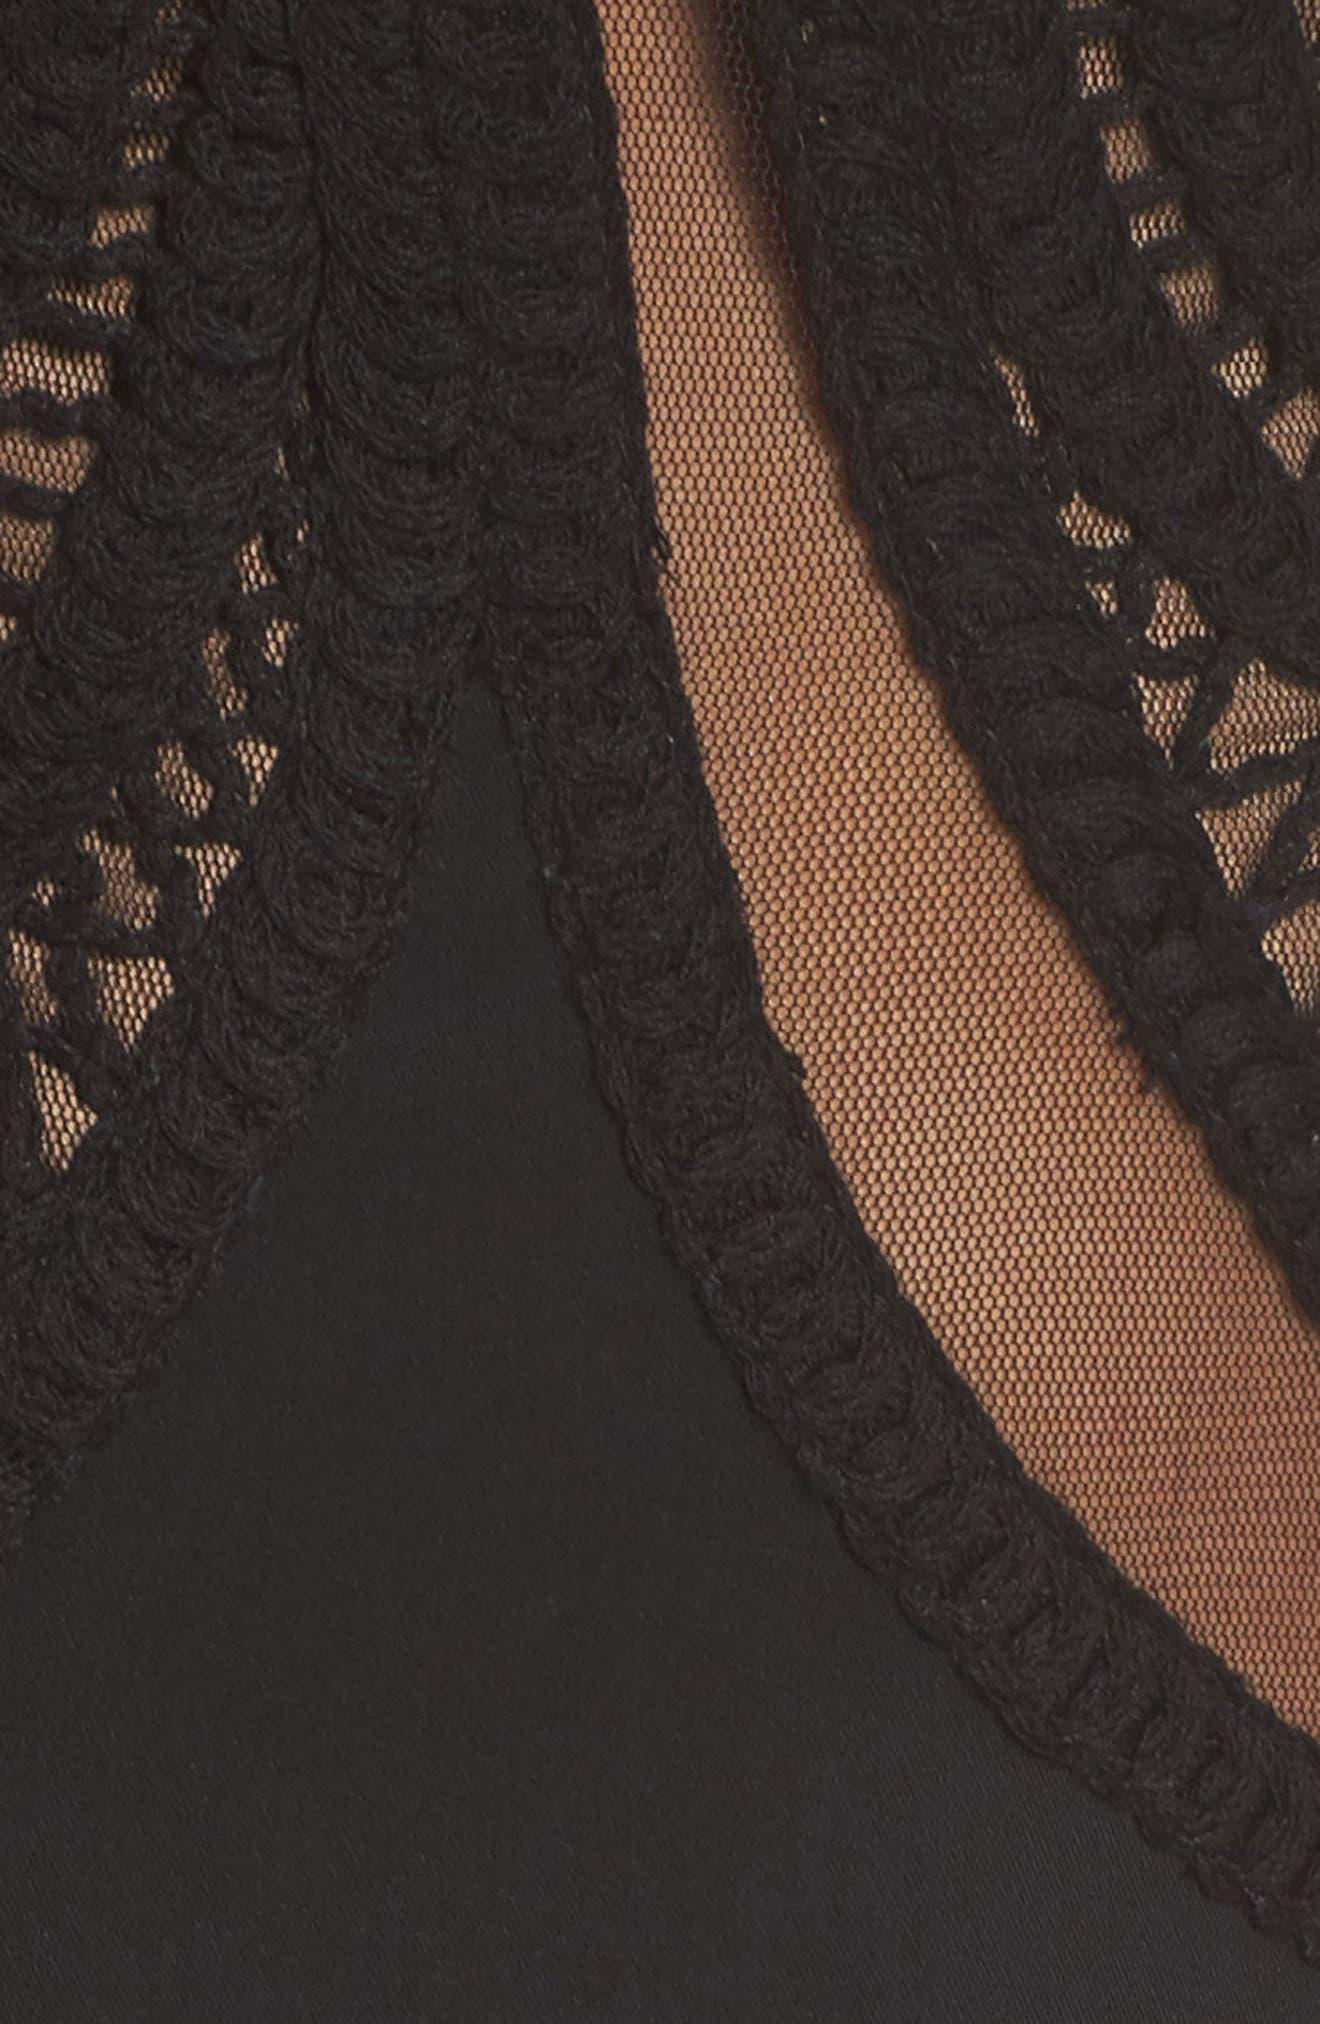 Crochet Lace Gown,                             Alternate thumbnail 5, color,                             006